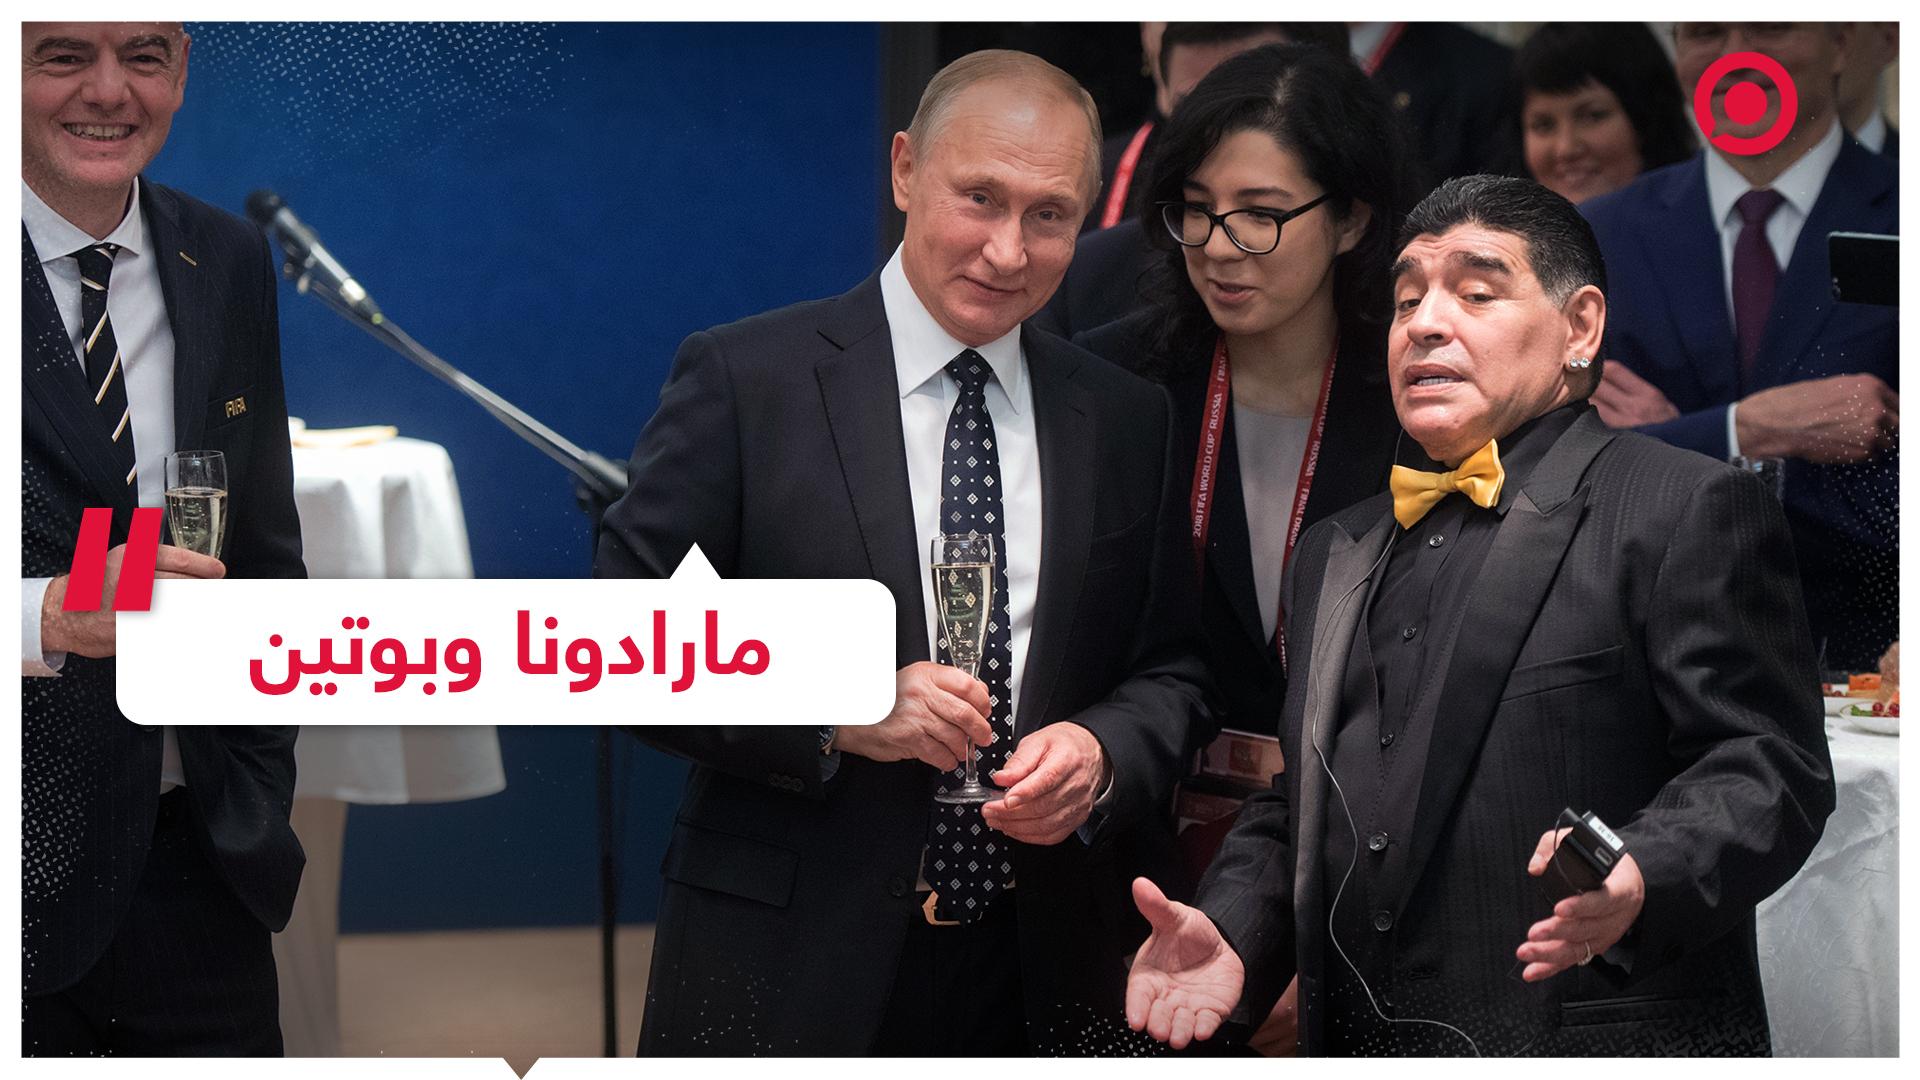 مارادونا يمازح بوتين ويخطف الأضواء